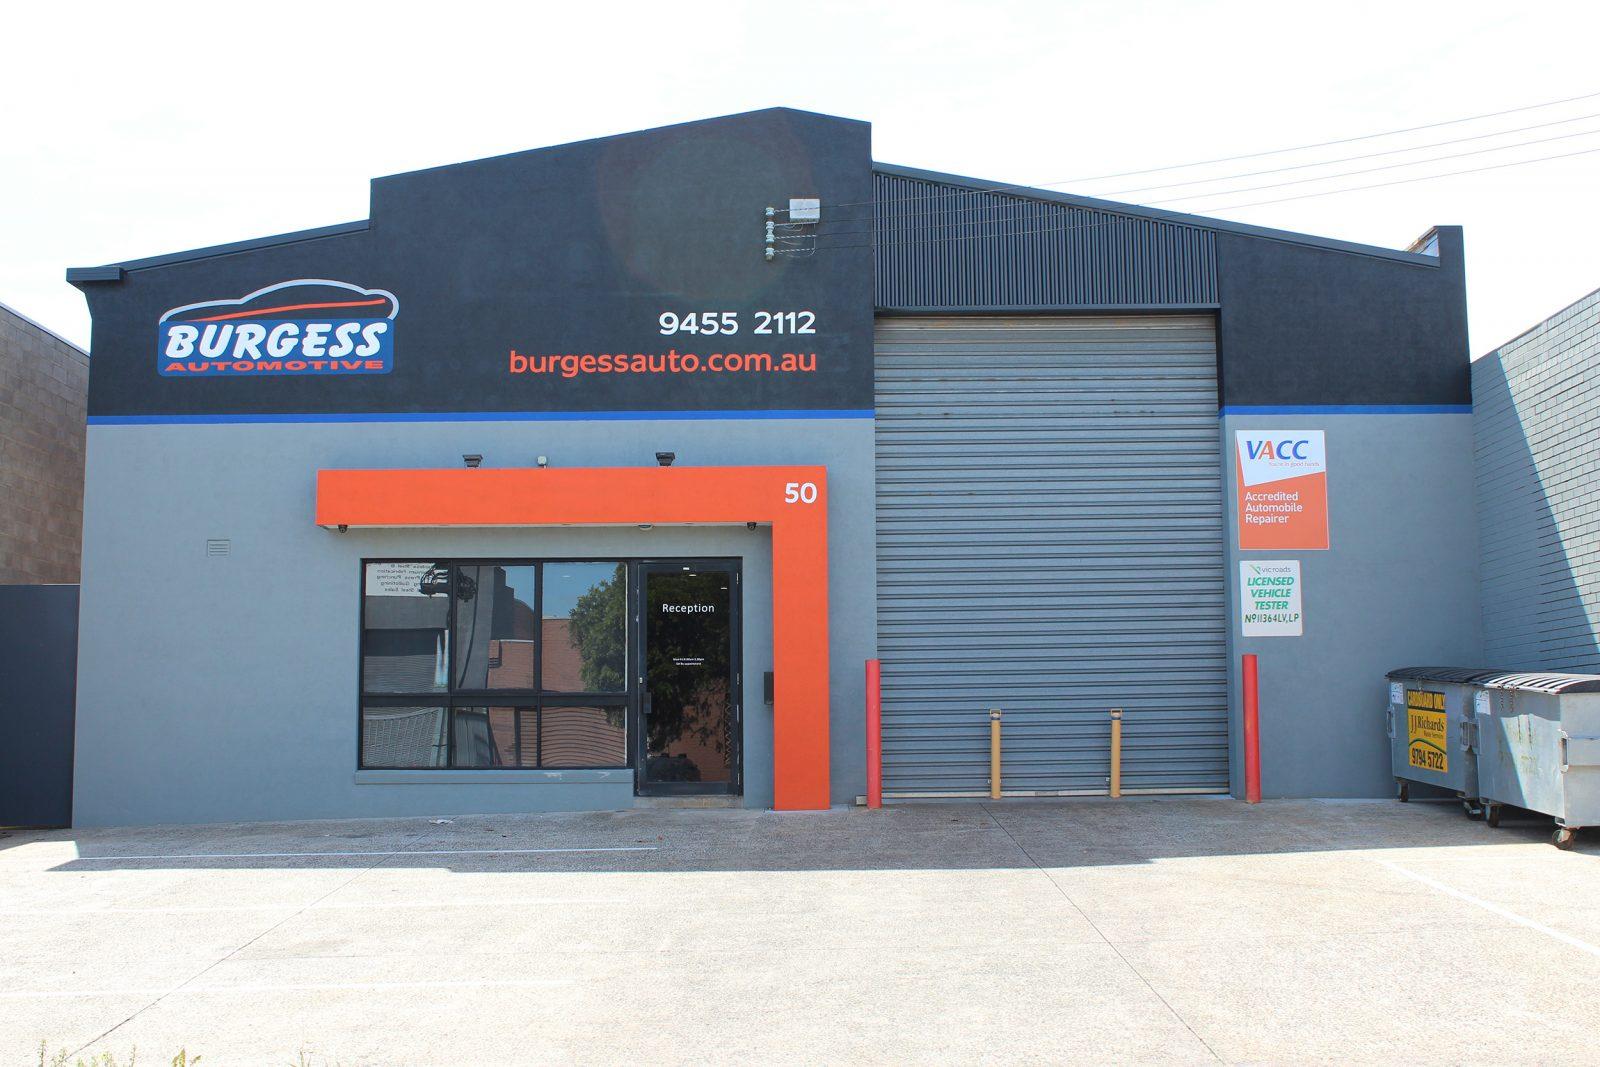 Burgess Automotive Pty Ltd